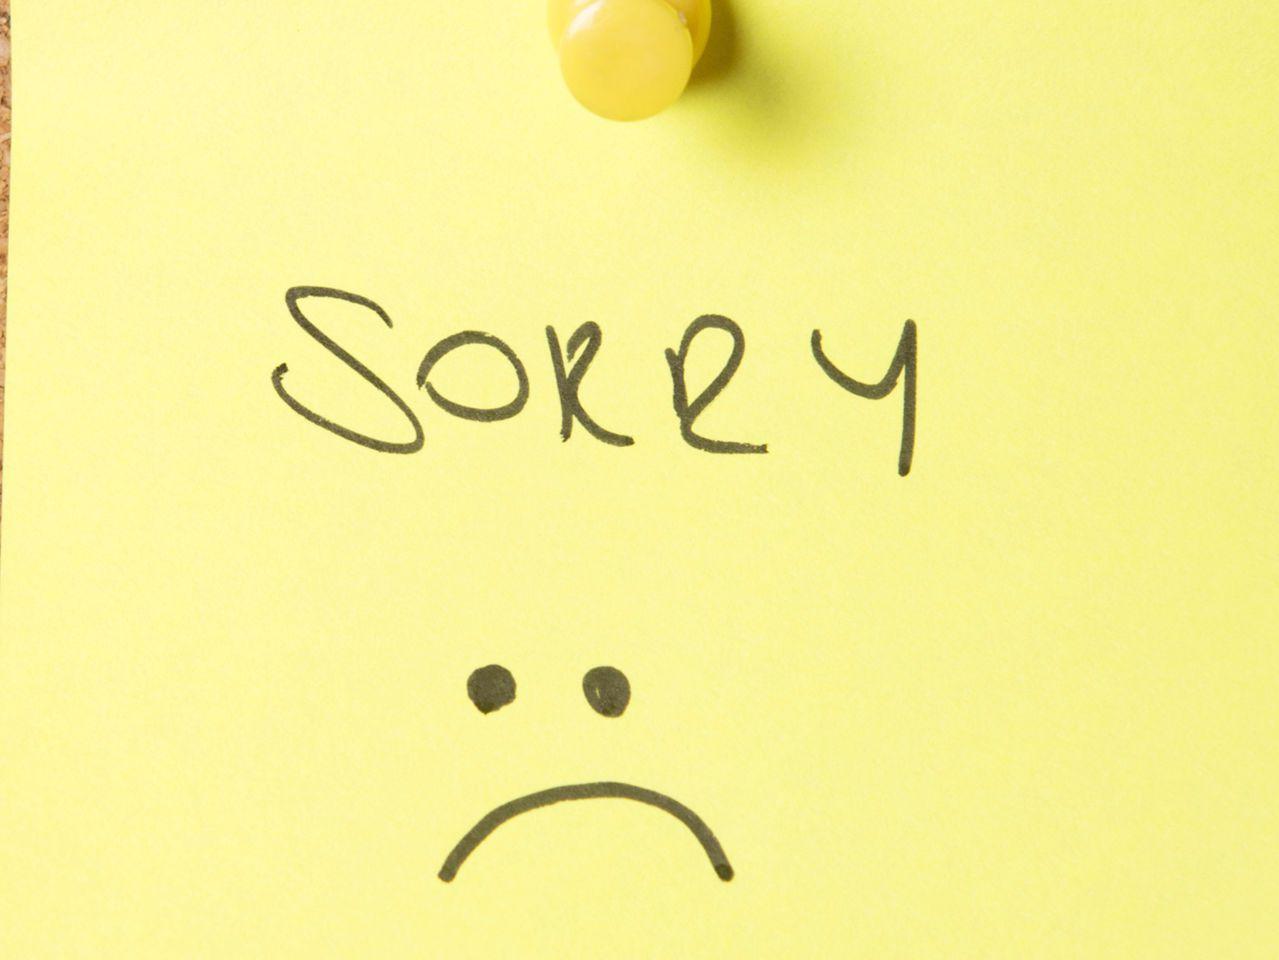 بالصور رسالة اعتذار للزوج , زوجي العزيز تقبل اعتذاري 3433 2